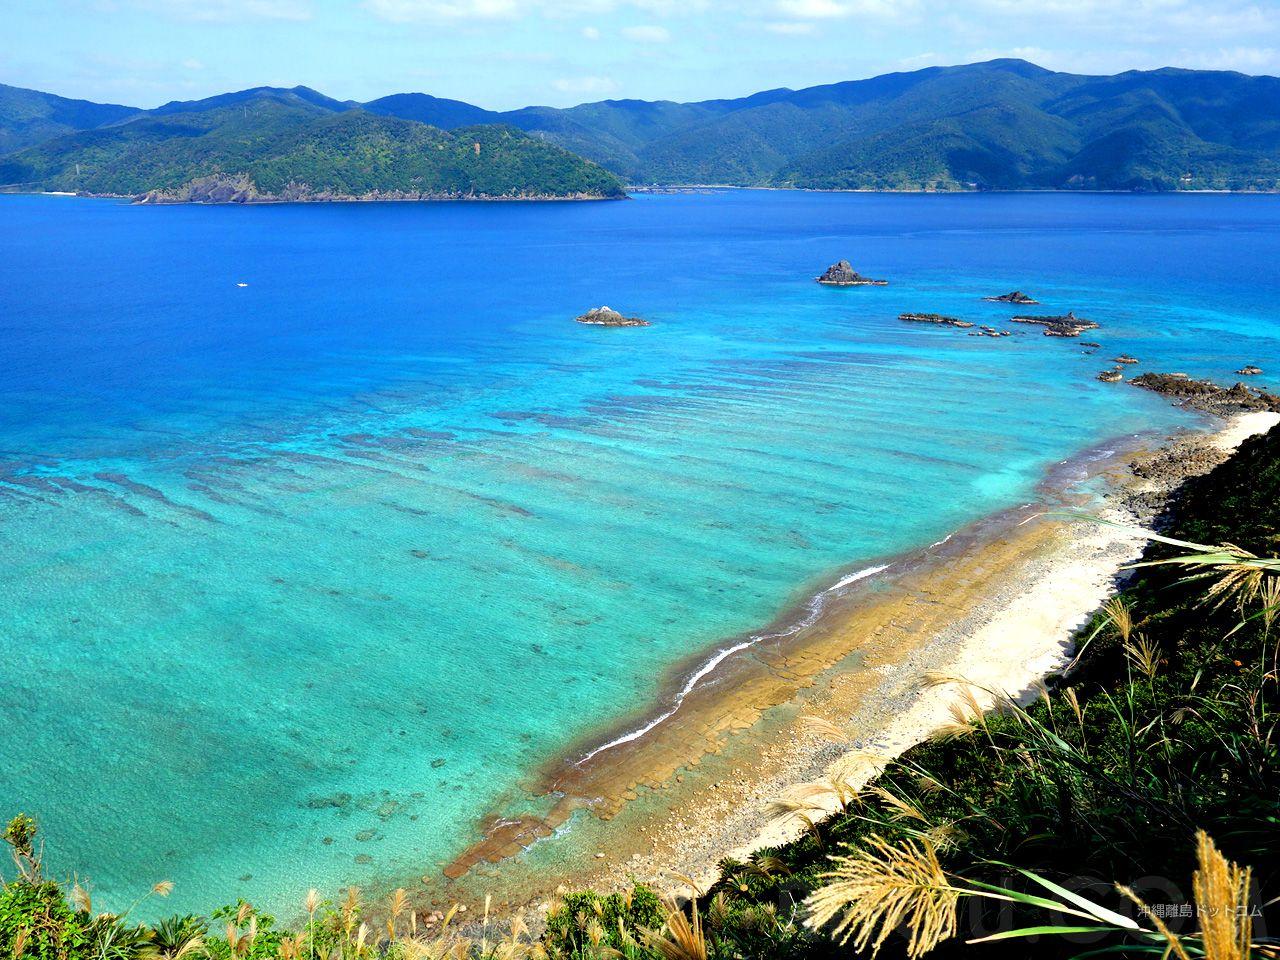 加計呂麻島観光おすすめモデルコースは?ダイビングや宿泊情報も!